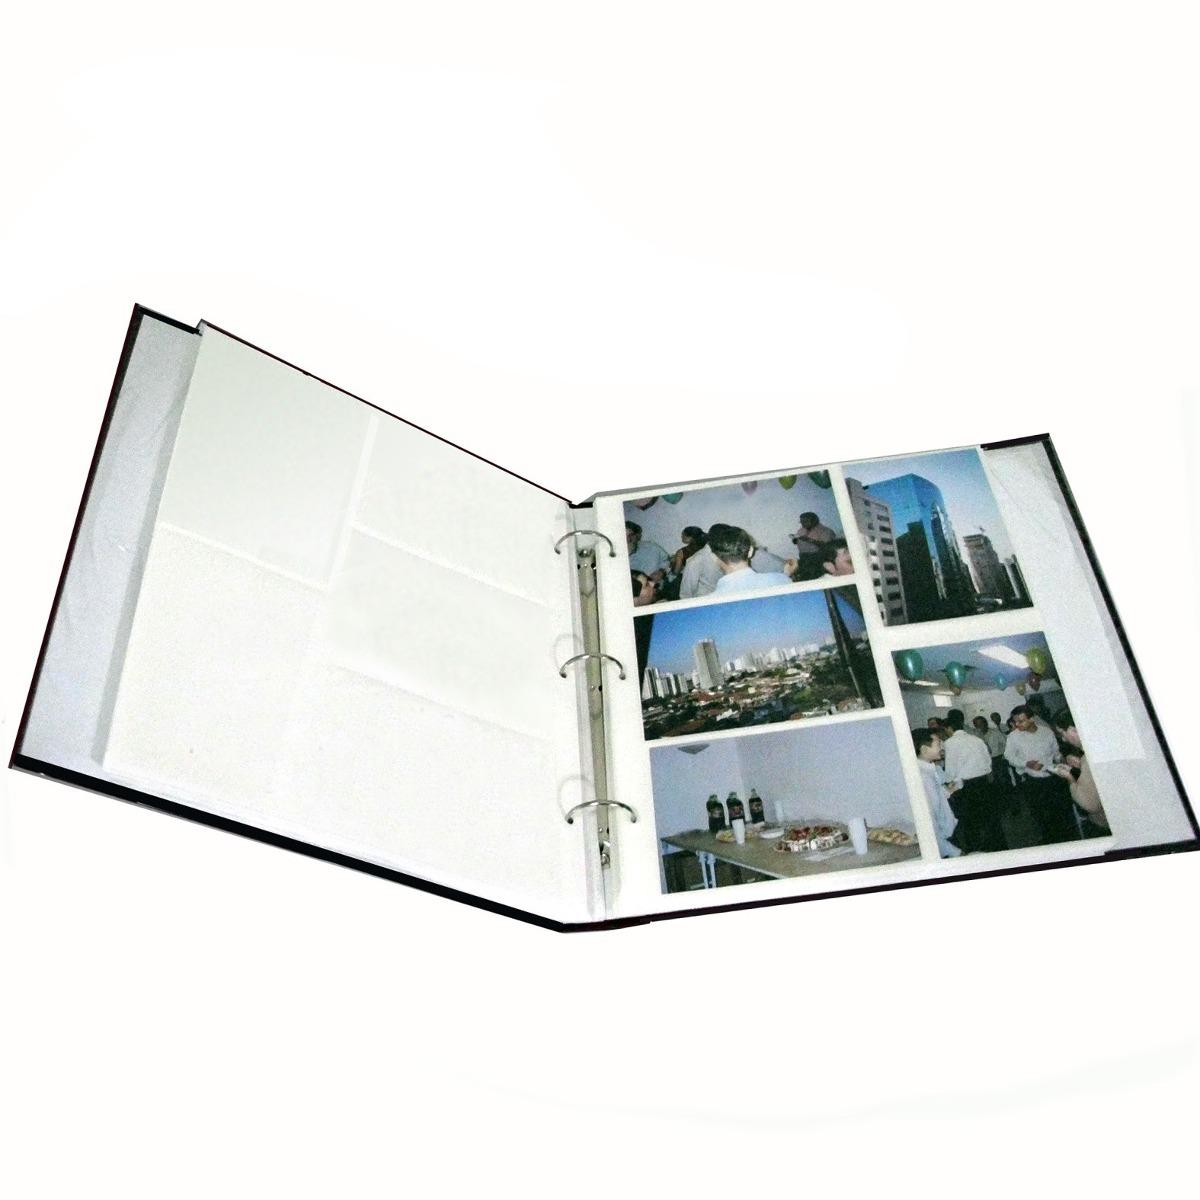 lbum de fotografias gigante luxo para 500 fotos de. Black Bedroom Furniture Sets. Home Design Ideas